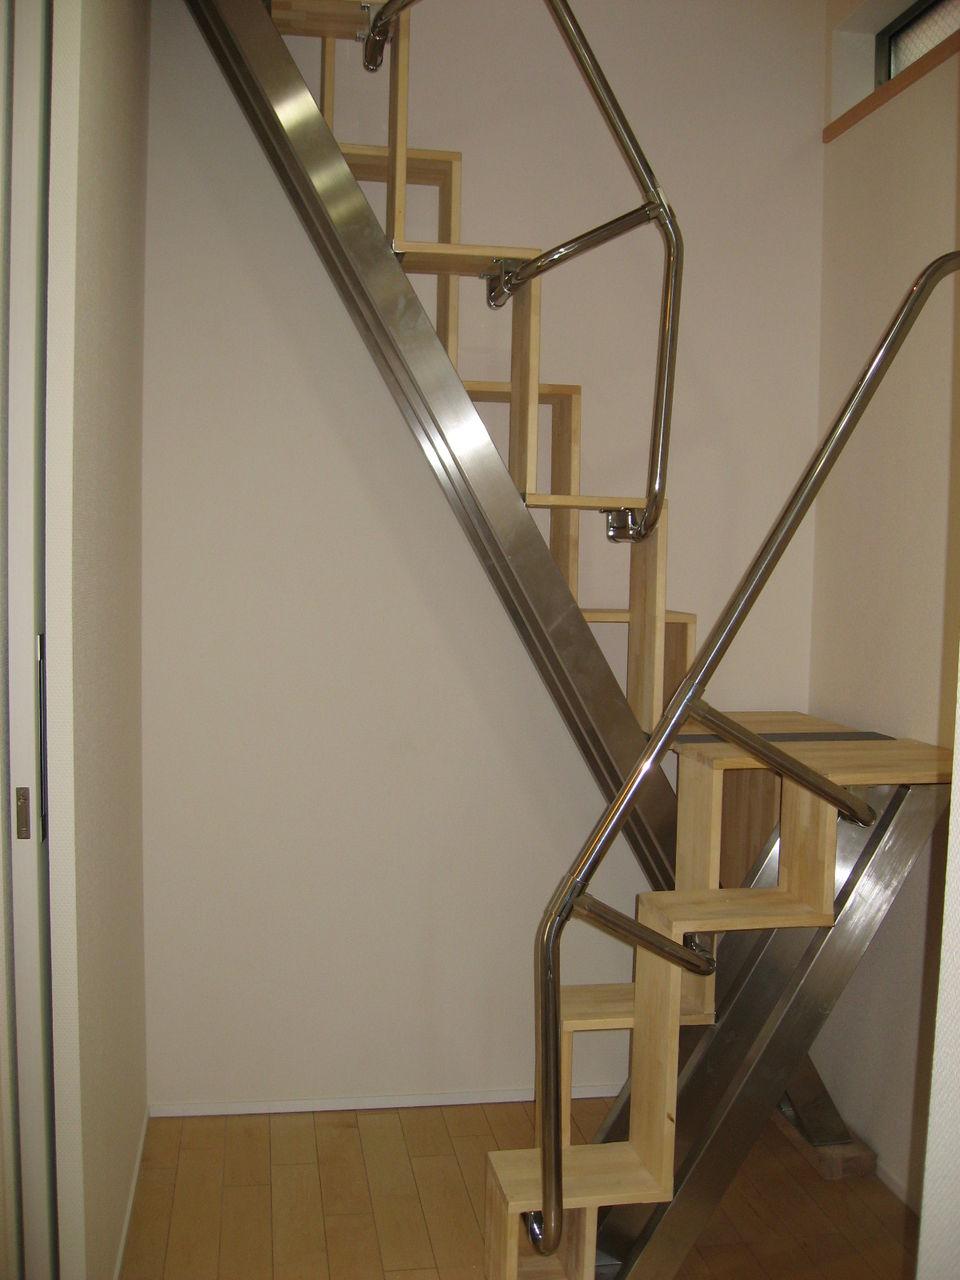 互い違い階段の折れ階段 側面